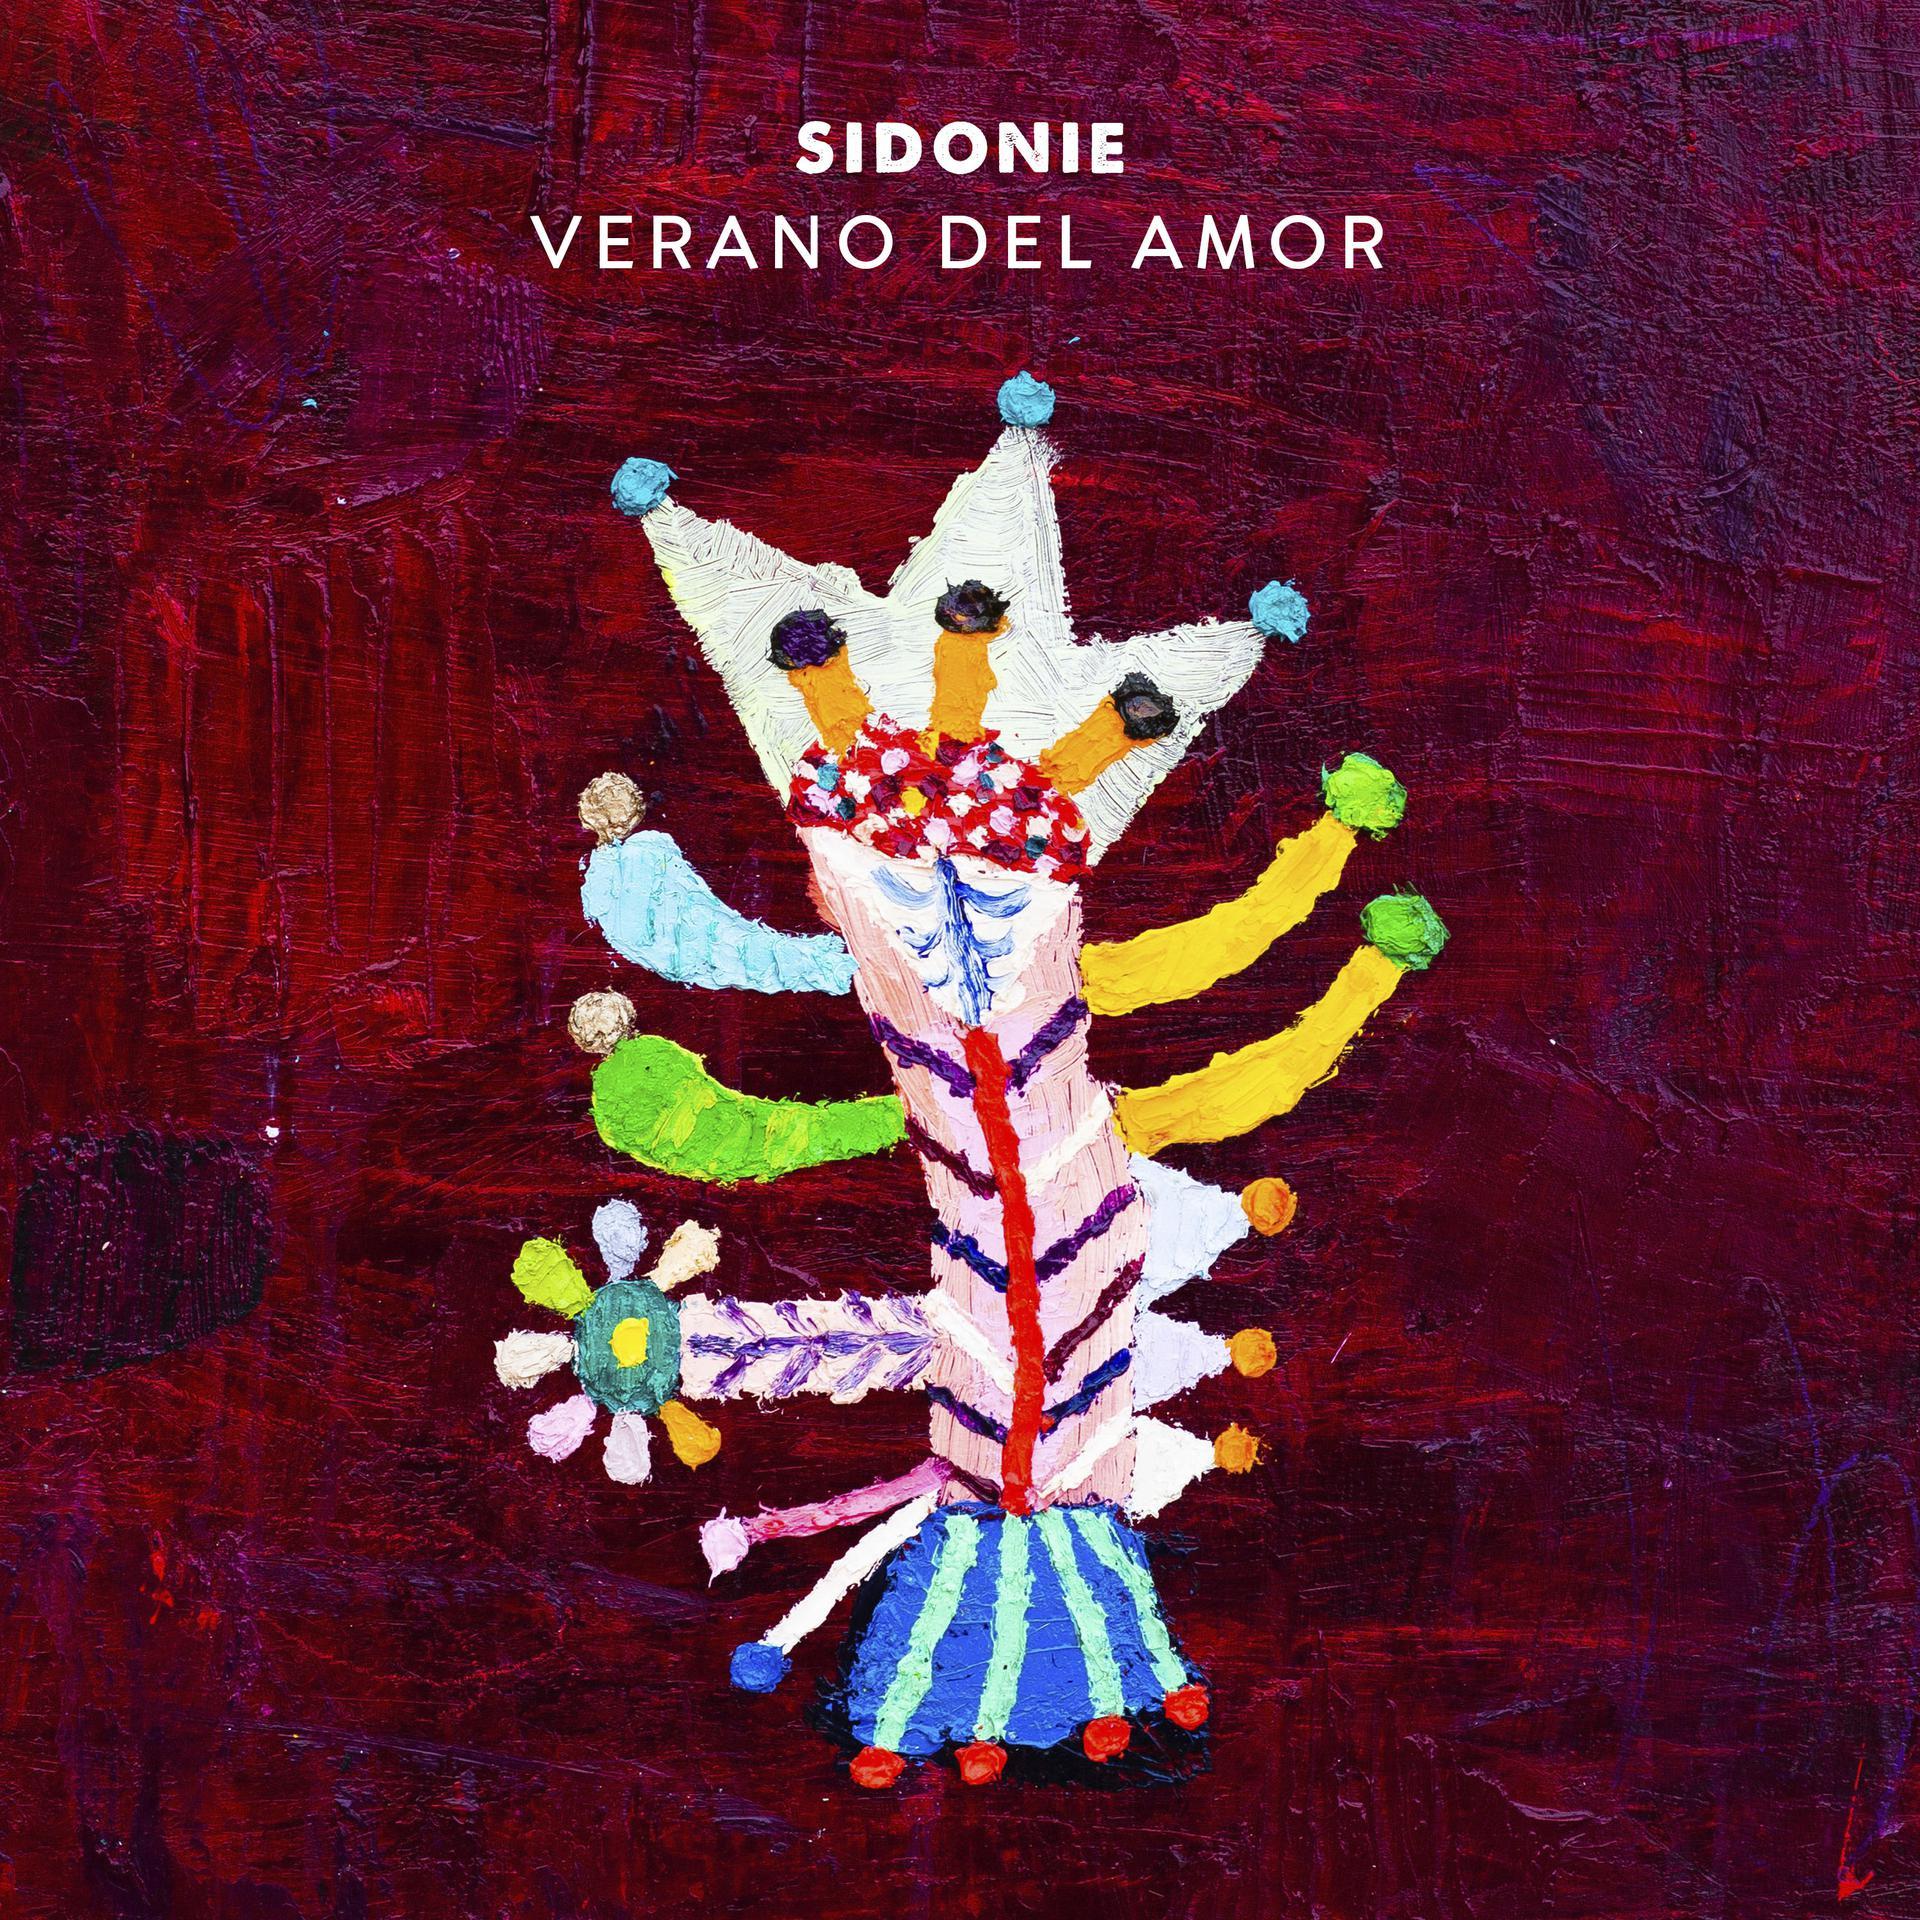 Verano del amor tercer adelanto de 'El regreso de Abba', el nuevo disco de Sidonie